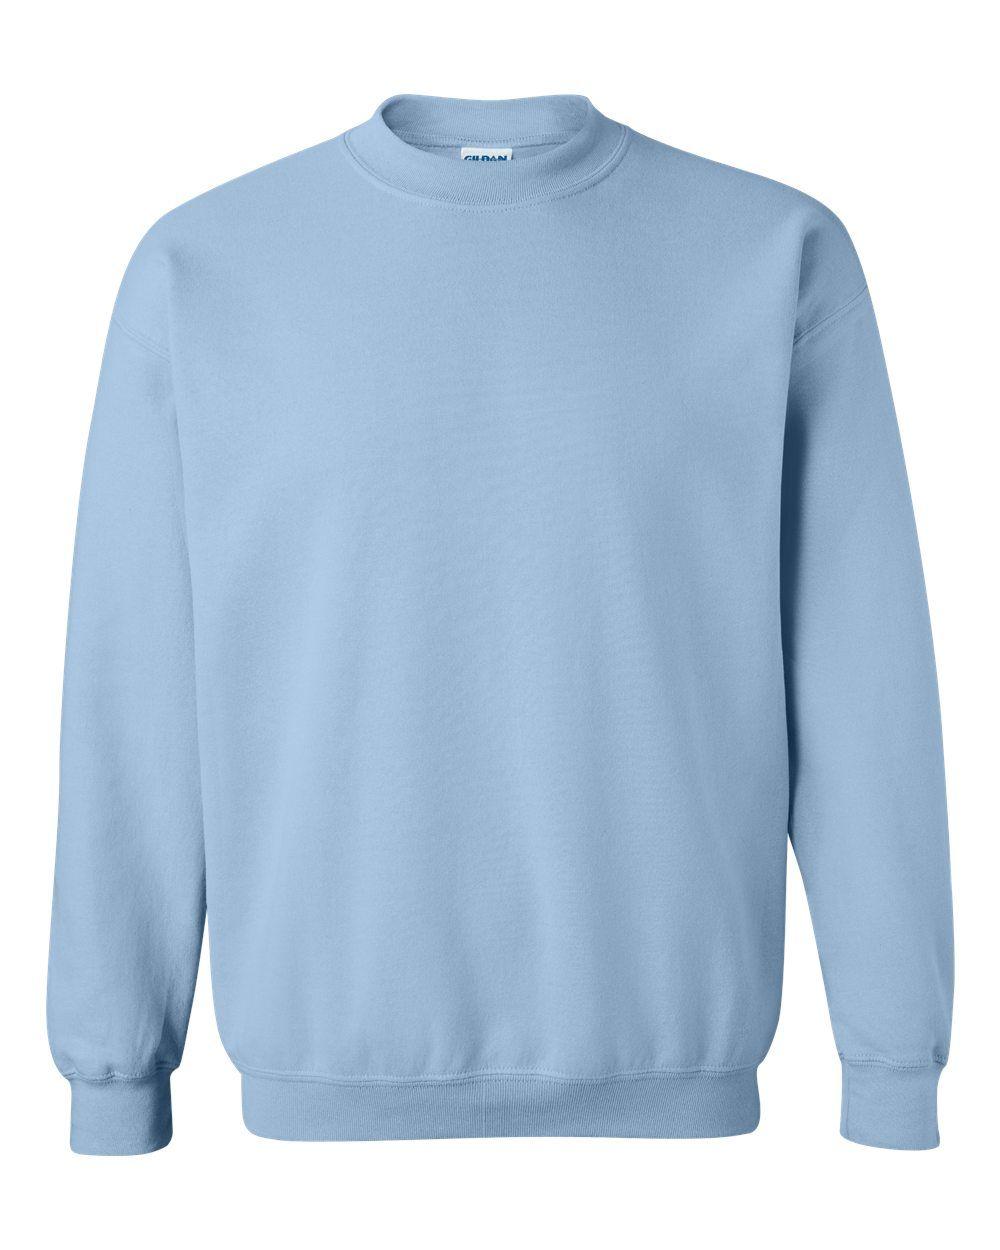 Gildan Heavy Blend Crewneck Sweatshirt 18000 In 2021 Crew Neck Sweatshirt Sweatshirts Unique Sweatshirt [ 1250 x 1000 Pixel ]